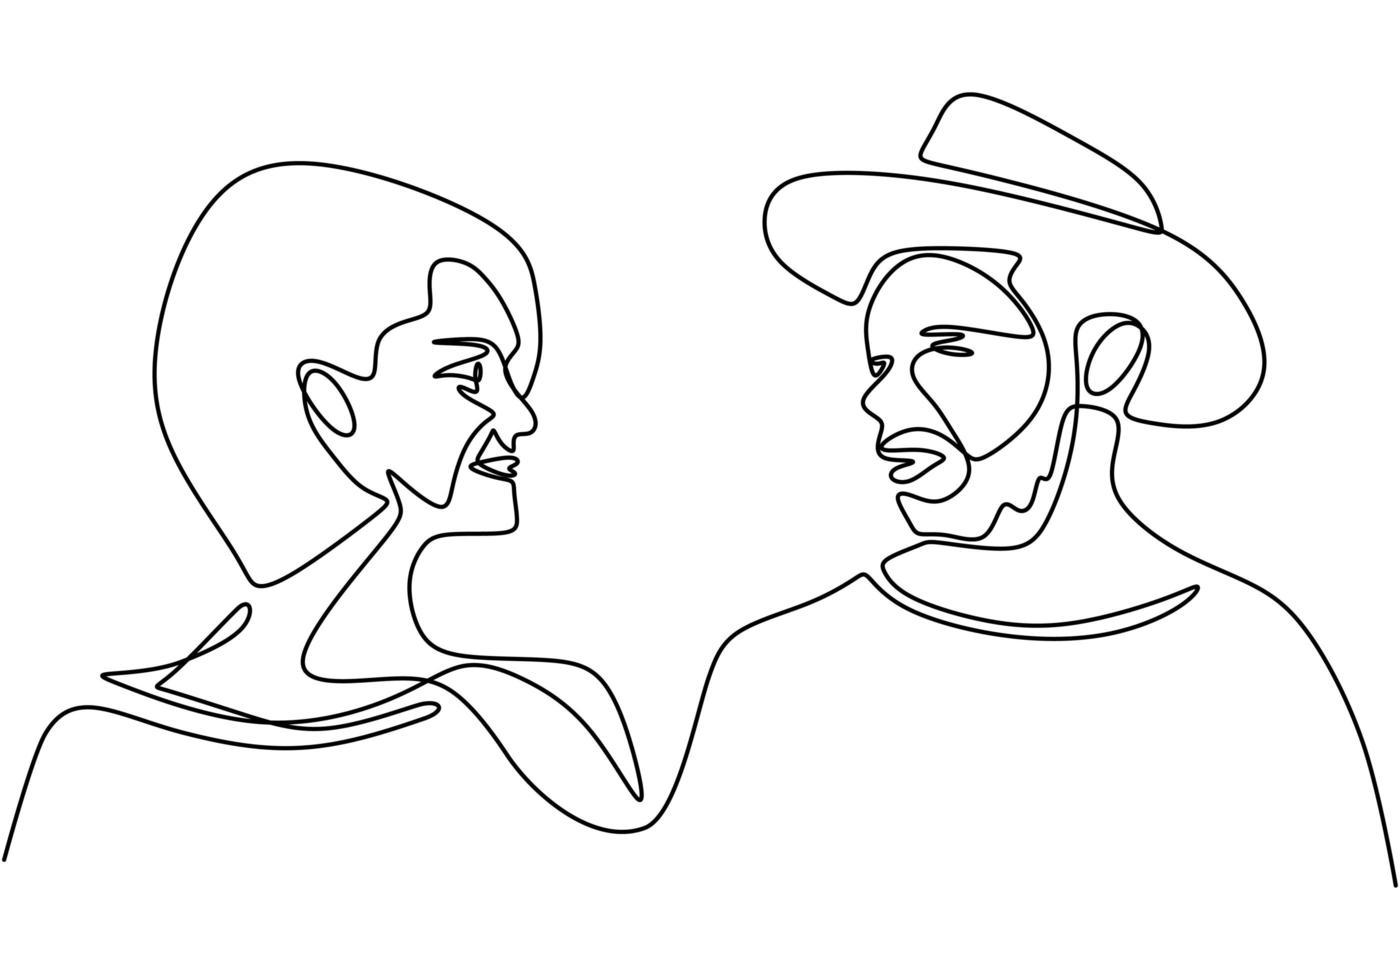 desenho de linha contínua. casal romantico. velho e mulher. design de conceito de tema de amantes. minimalismo desenhado de uma mão. metáfora de ilustração vetorial de amor, isolada no fundo branco. vetor